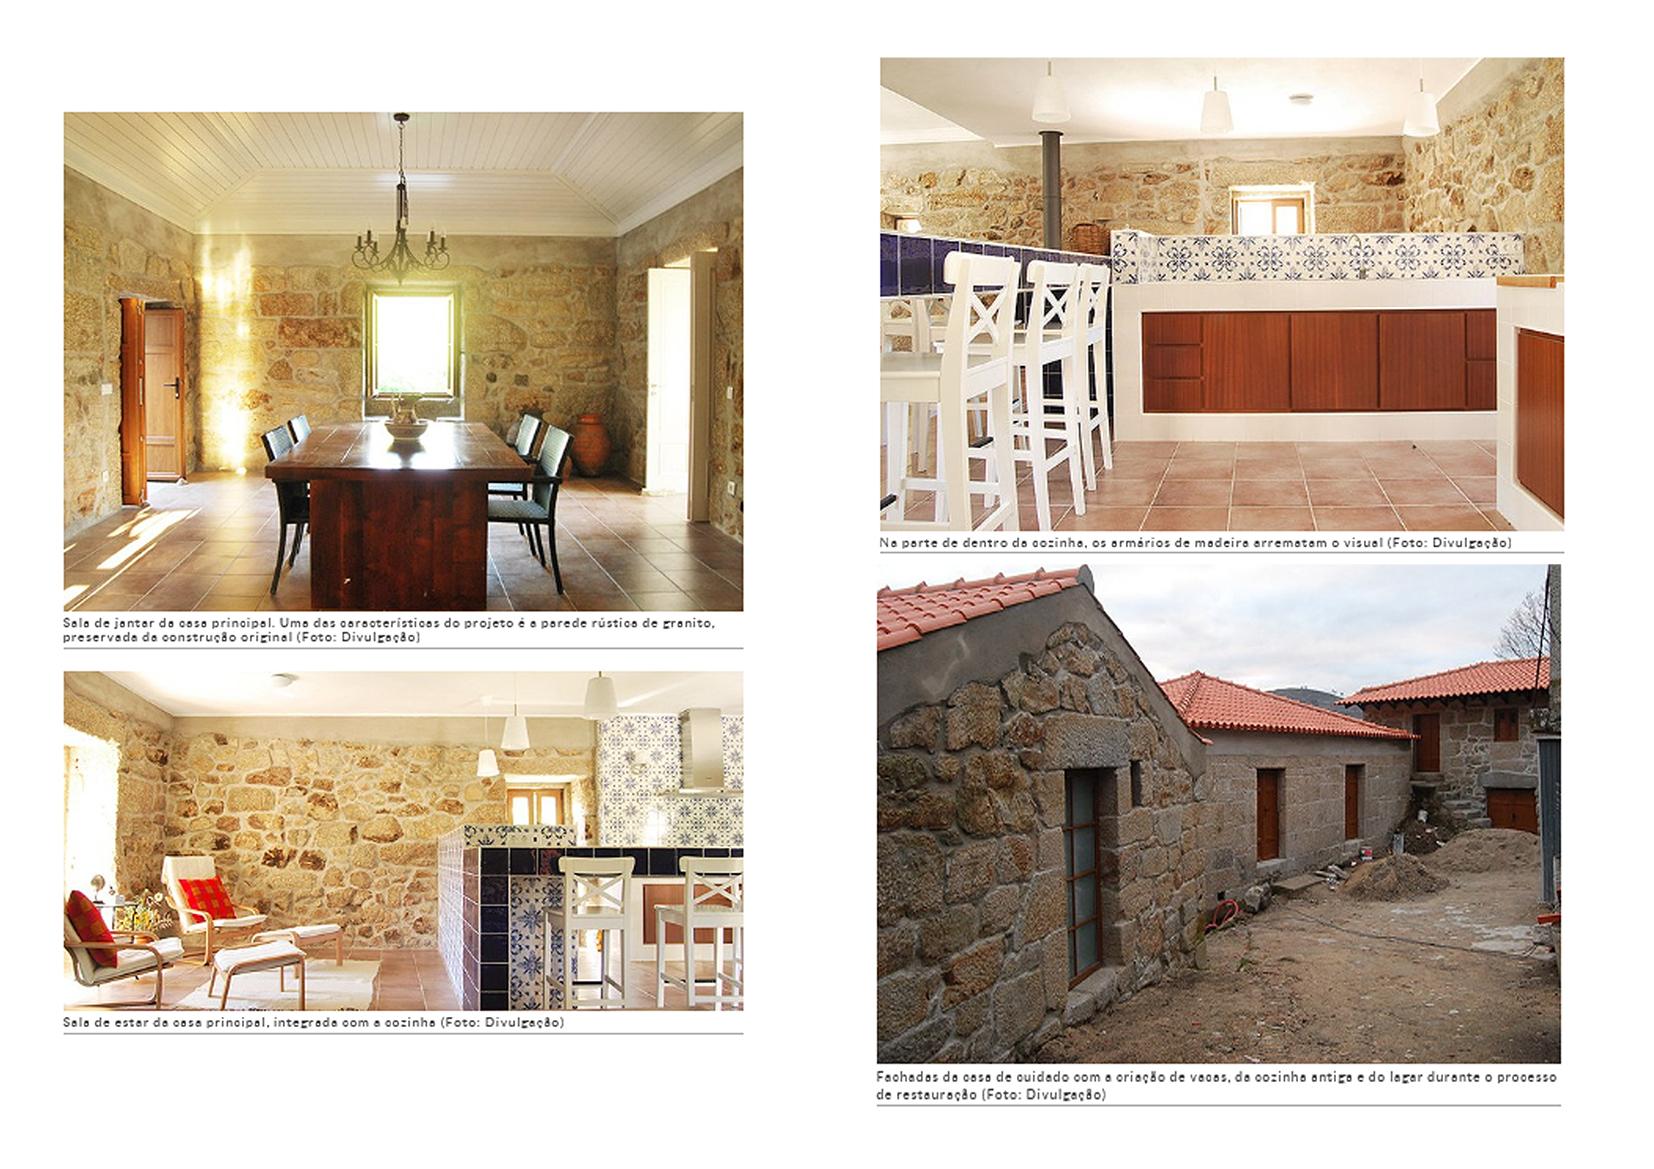 Casa e Jardim 05.07 pag03